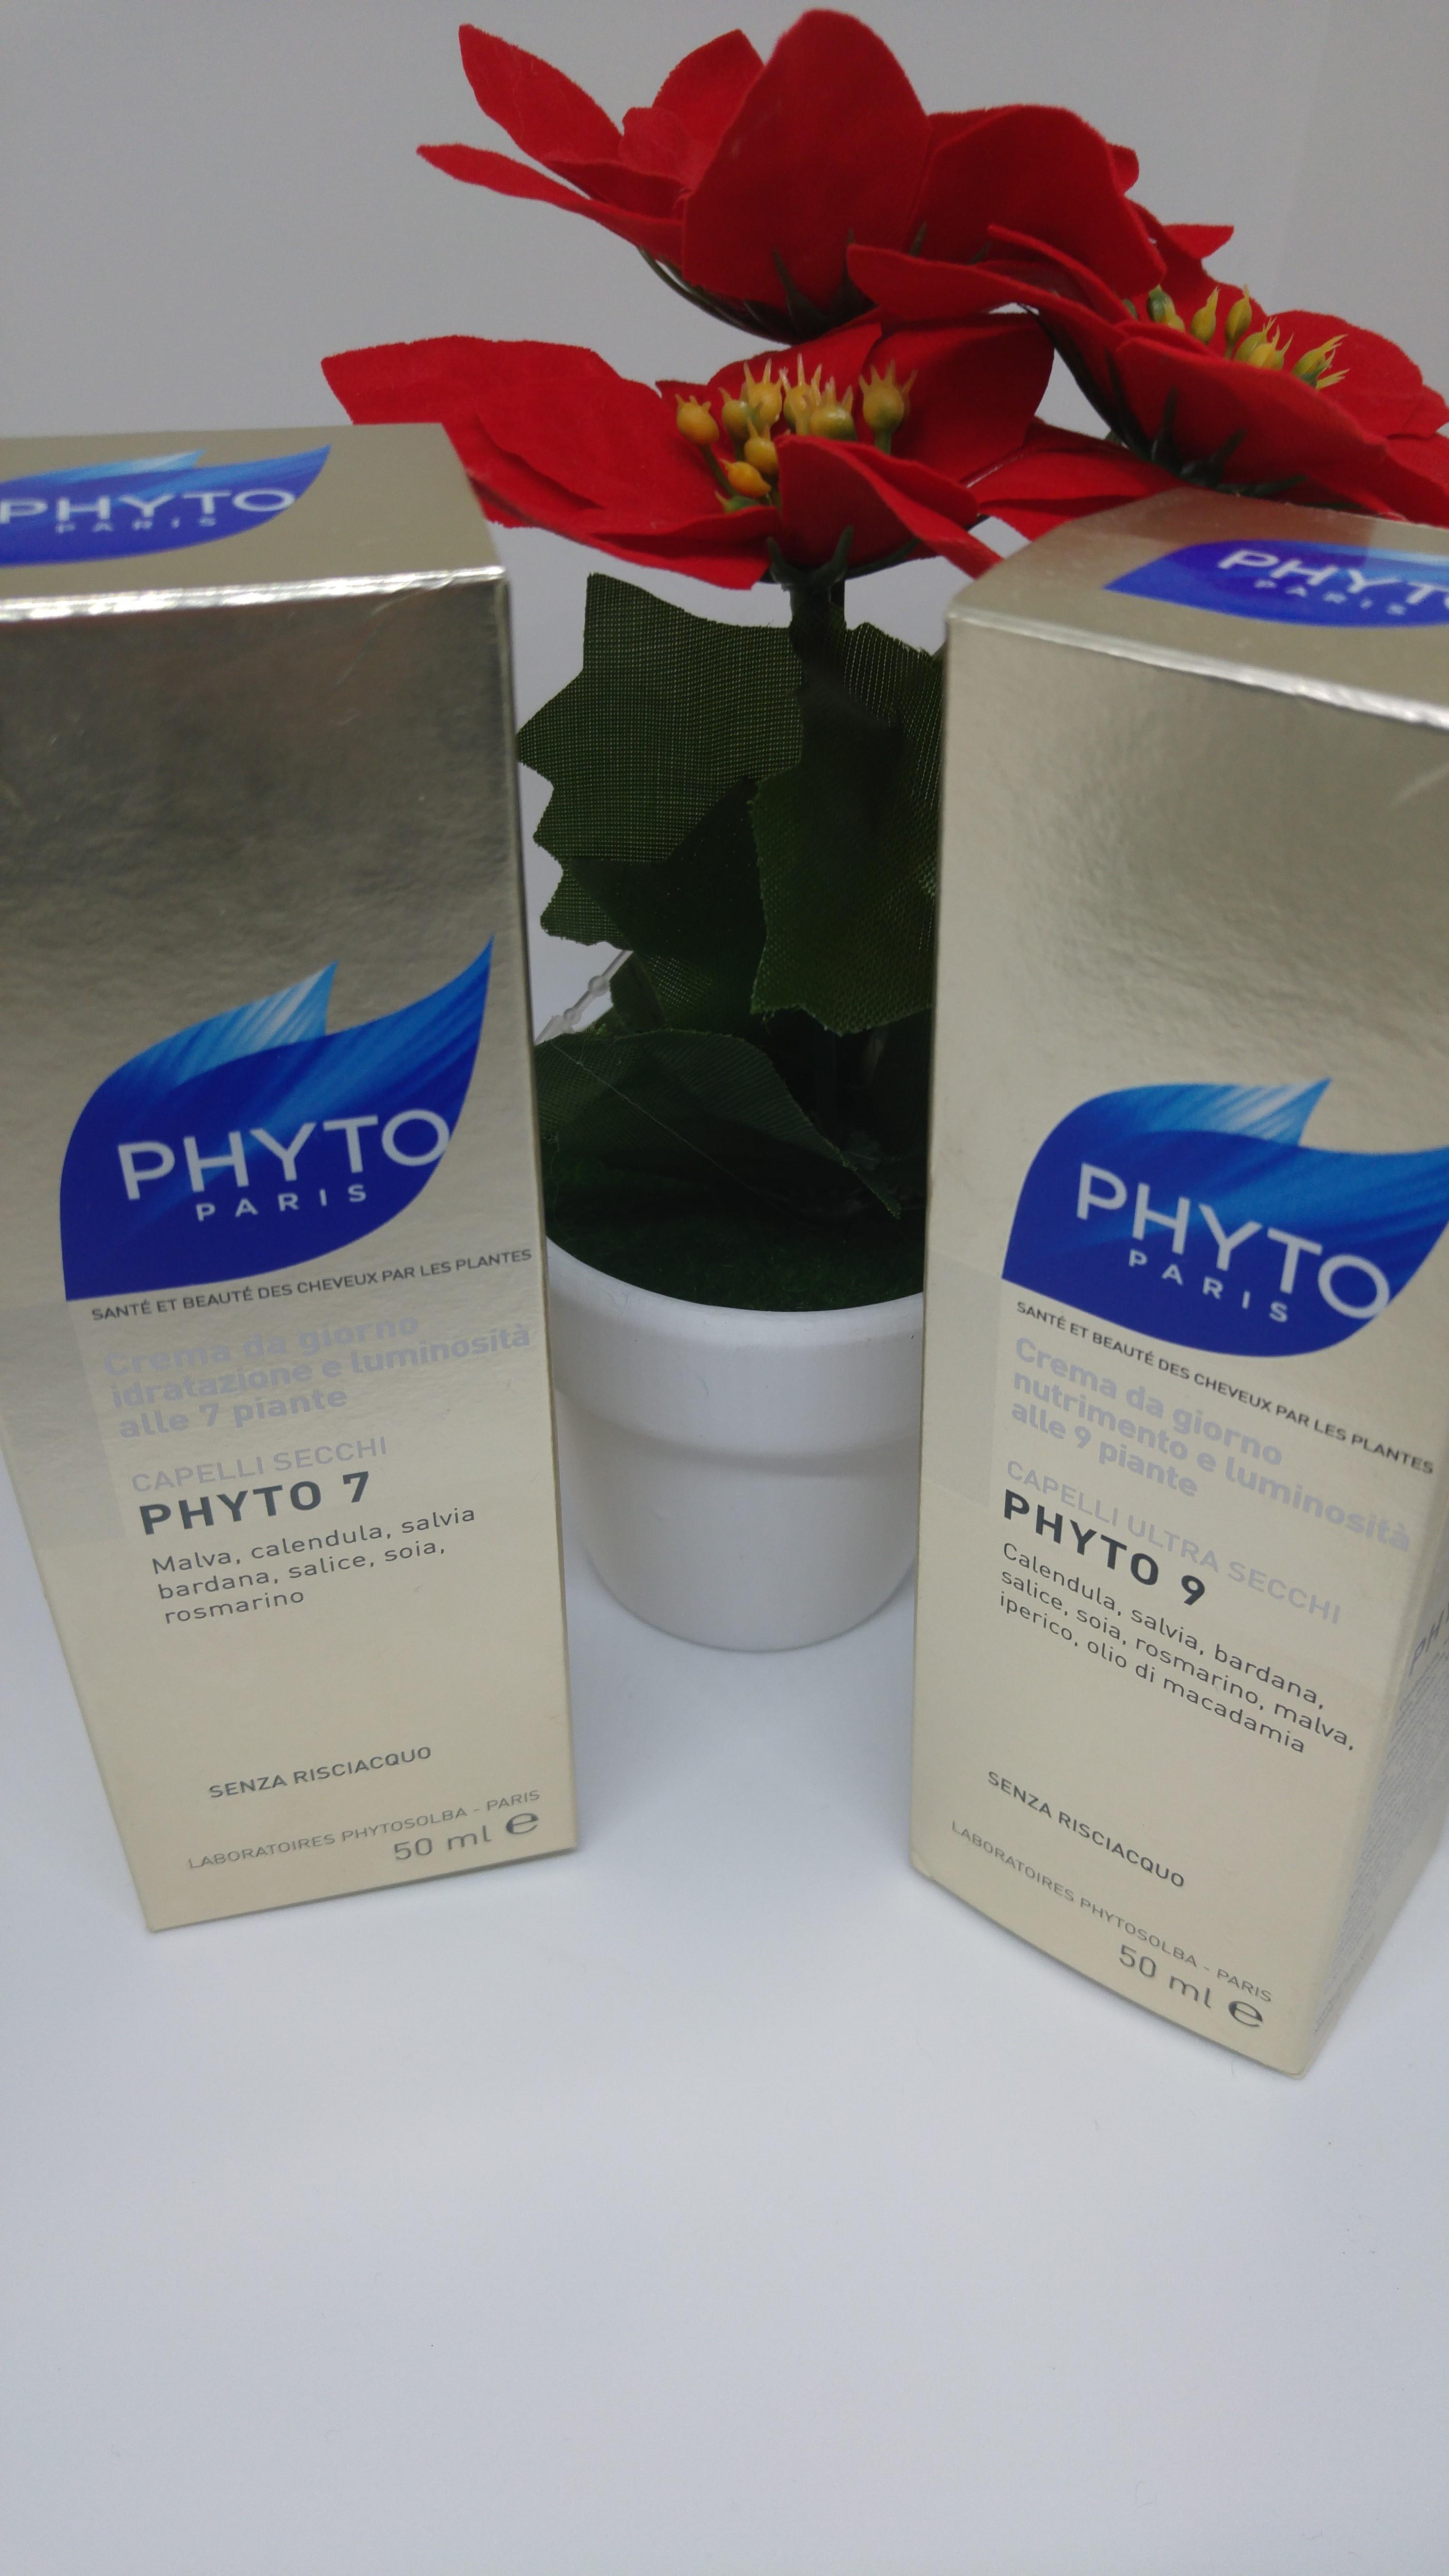 Recensione Phyto 7 e Phyto 9